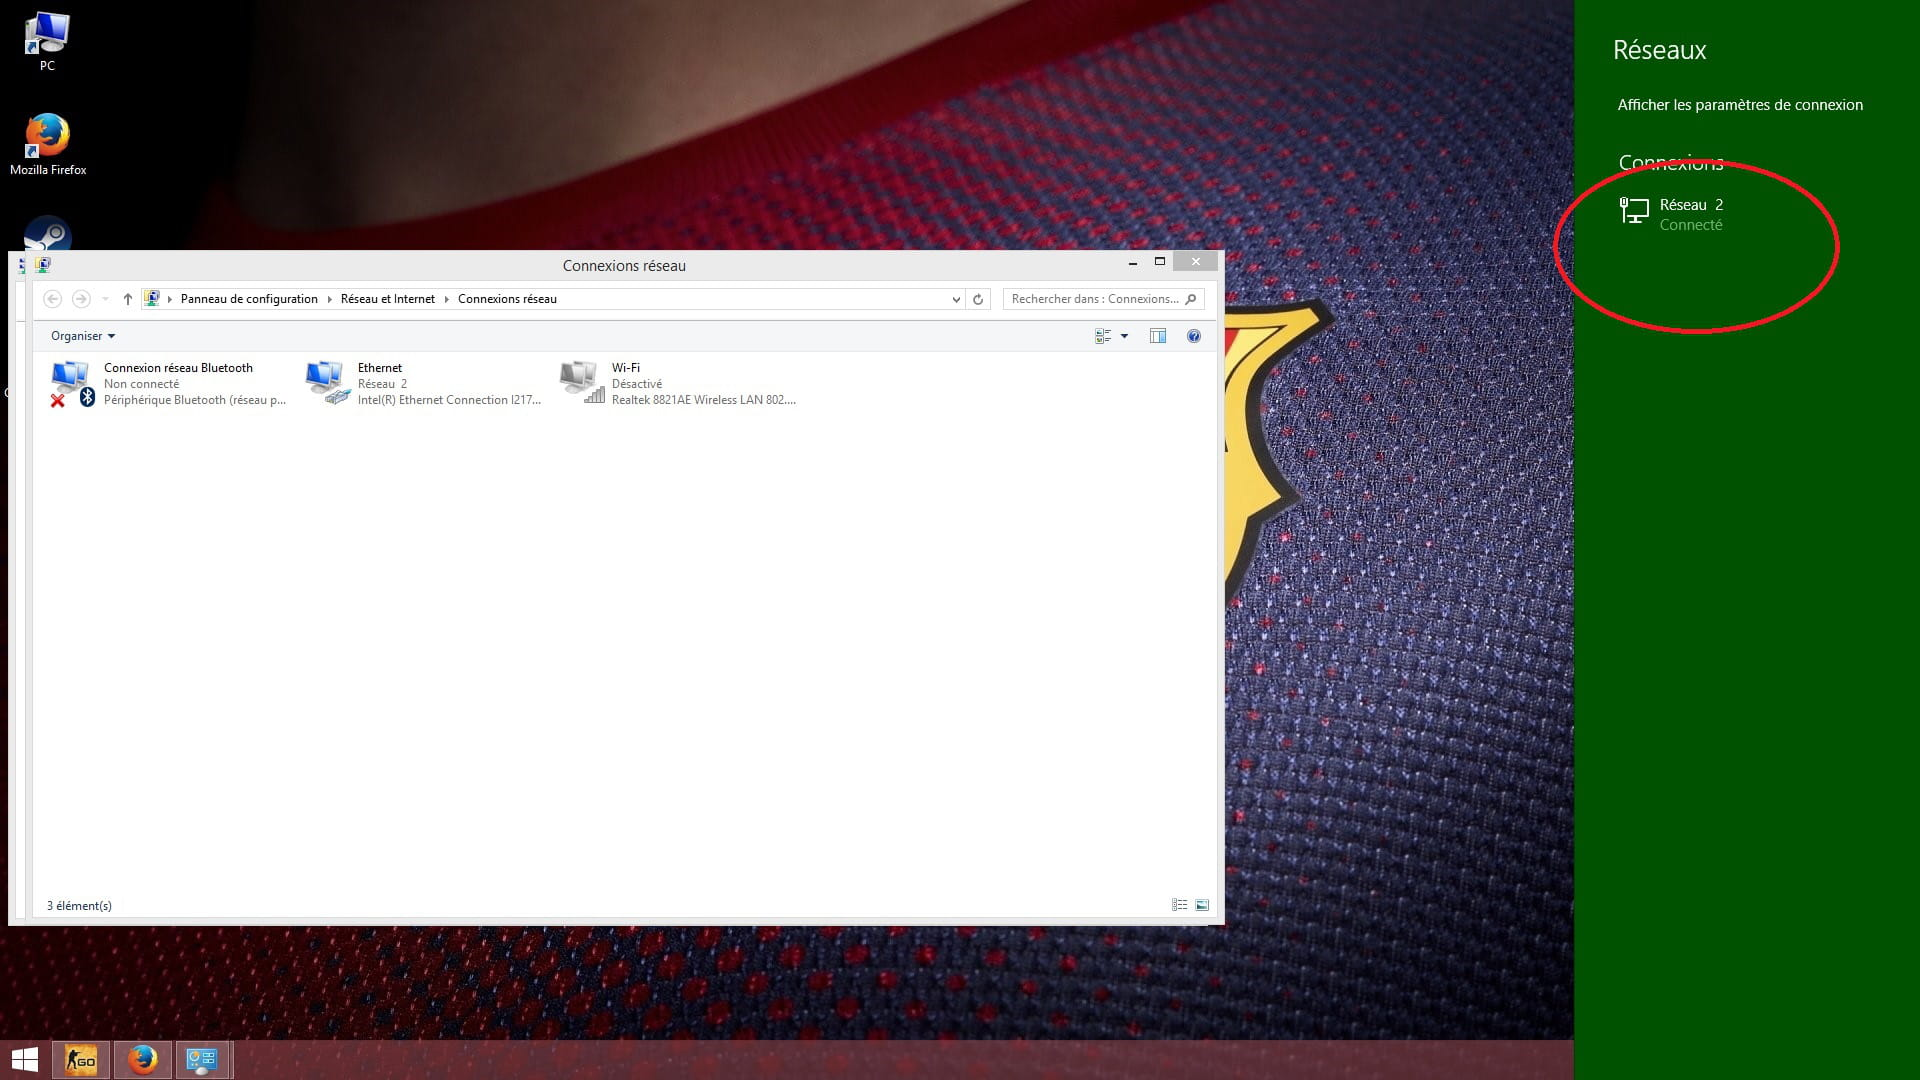 comment changer le nom de sa connexion r u00e9seau sous windows 8 1